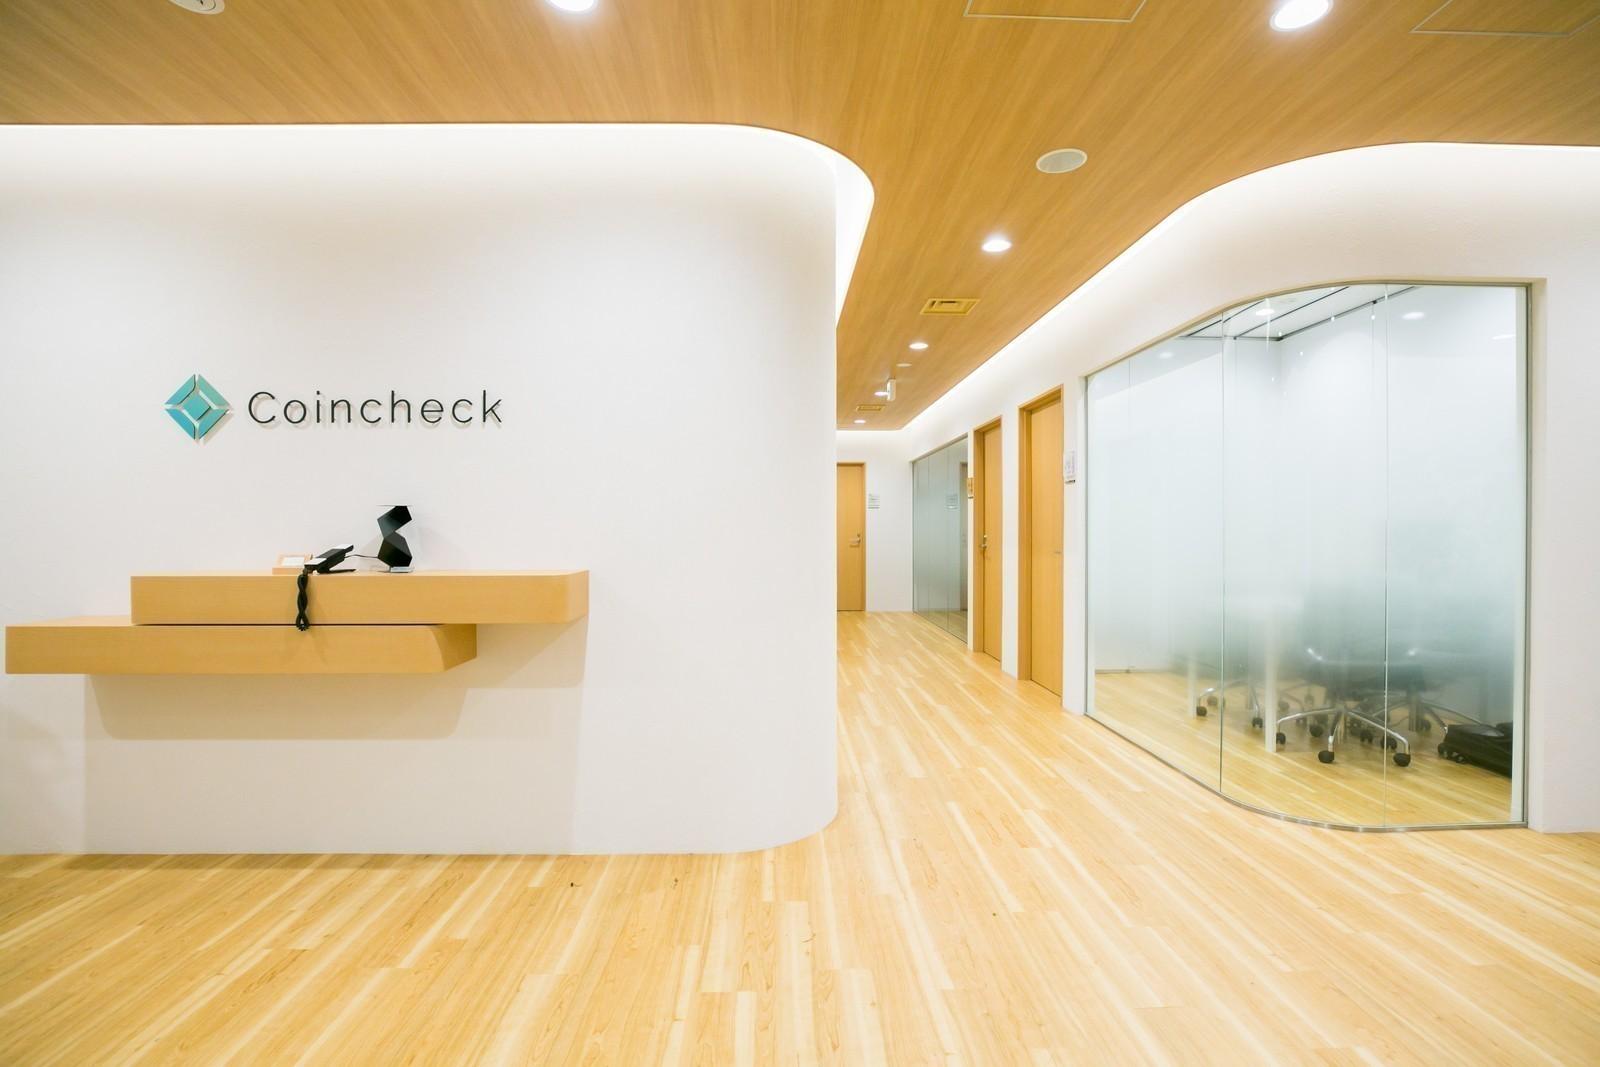 仮想通貨取引所「Coincheck」事業拡大に向けた組織力強化の為 Androidエンジニアを募集!